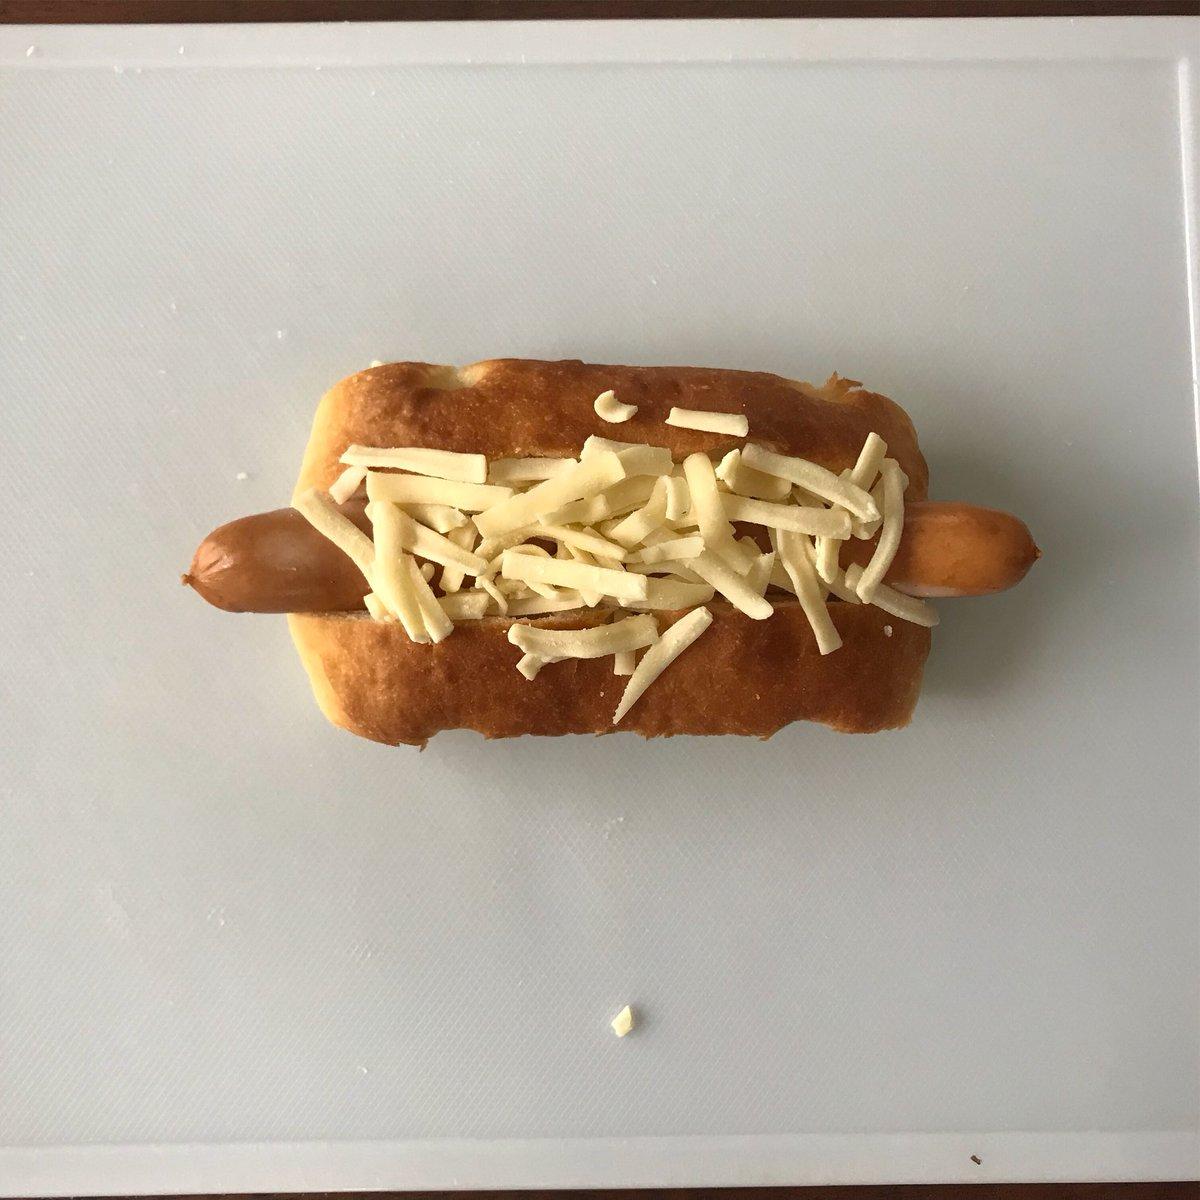 すごく簡単に作れるから朝食にぴったりかも!フォカッチャチーズドッグの作り方!